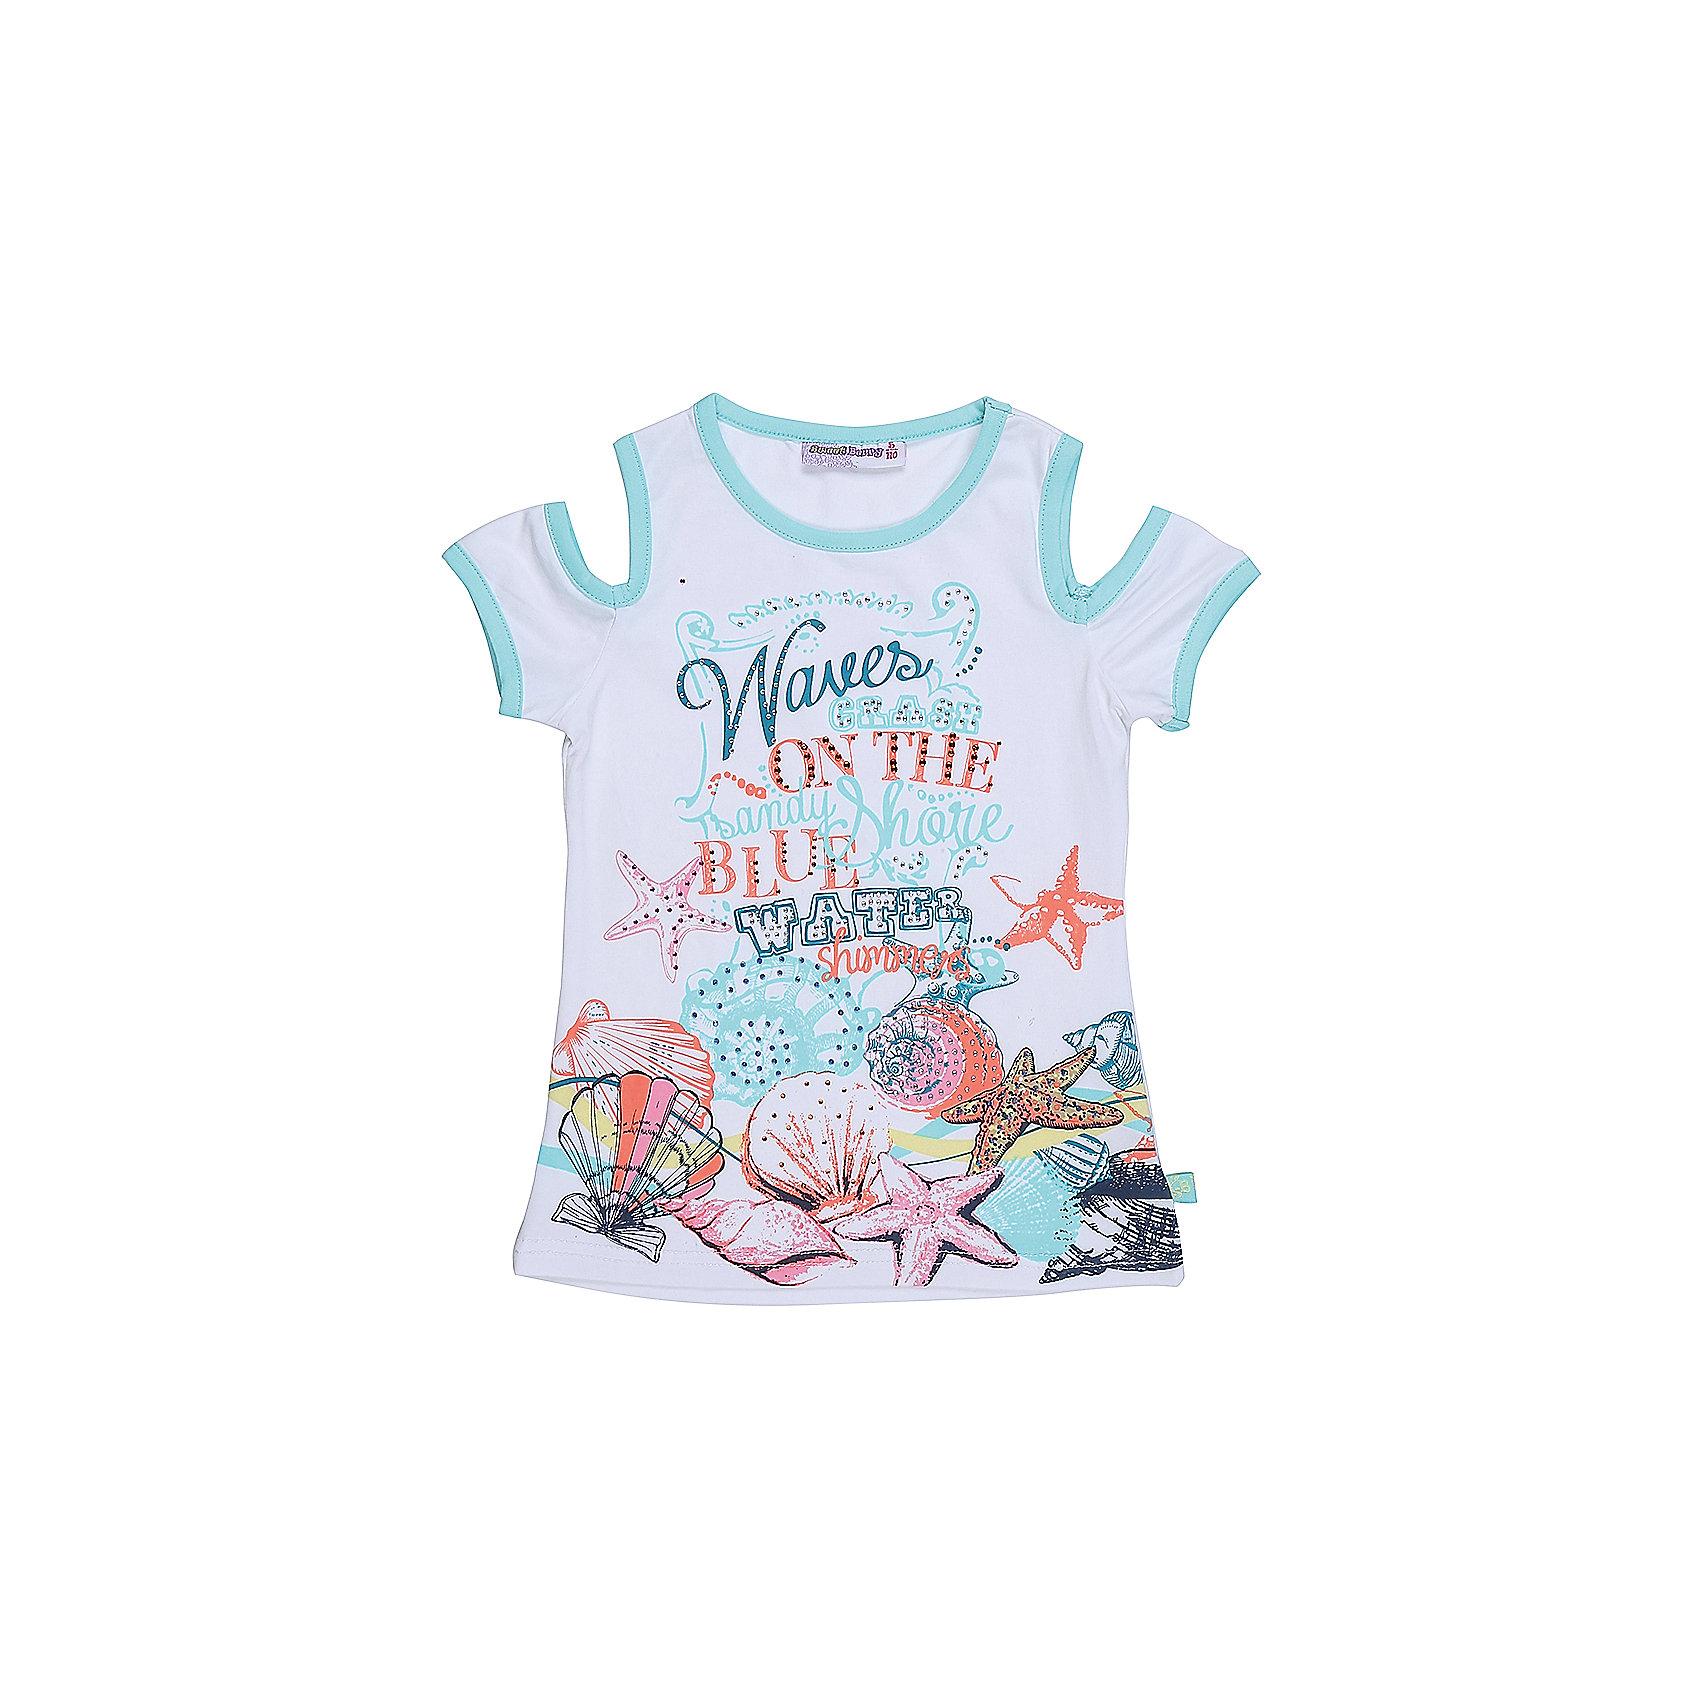 Футболка для девочки Sweet BerryСтильная футболка из трикотажной, мягкой ткани для девочки с коротким рукавом. Декорирована оригинальным принтом.<br>Состав:<br>95%хлопок 5%эластан<br><br>Ширина мм: 199<br>Глубина мм: 10<br>Высота мм: 161<br>Вес г: 151<br>Цвет: белый<br>Возраст от месяцев: 36<br>Возраст до месяцев: 48<br>Пол: Женский<br>Возраст: Детский<br>Размер: 104,98,110,116,122,128<br>SKU: 5412661